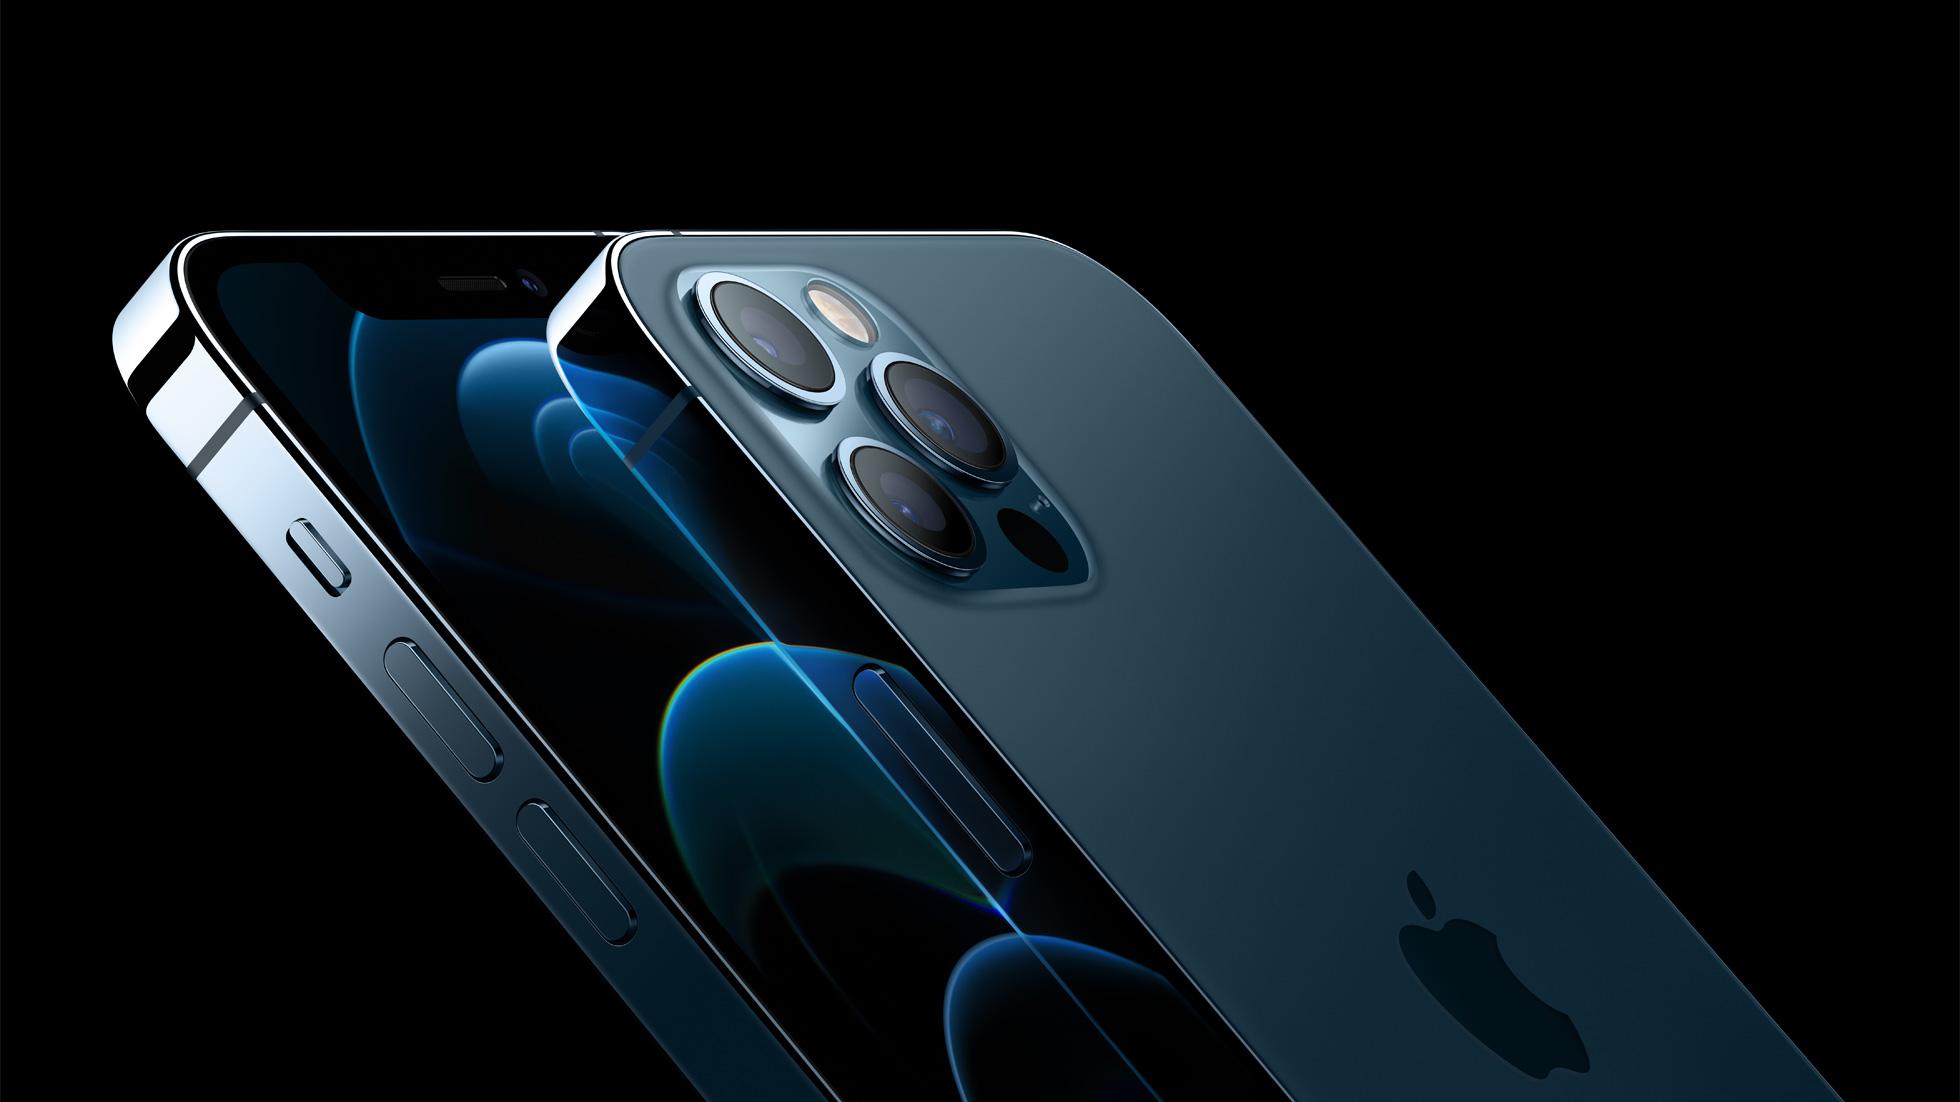 iPhone 12, iPhone 12 Pro Max і iPhone 12 Pro очолили рейтинг найбільш продаваних смартфонів в світі